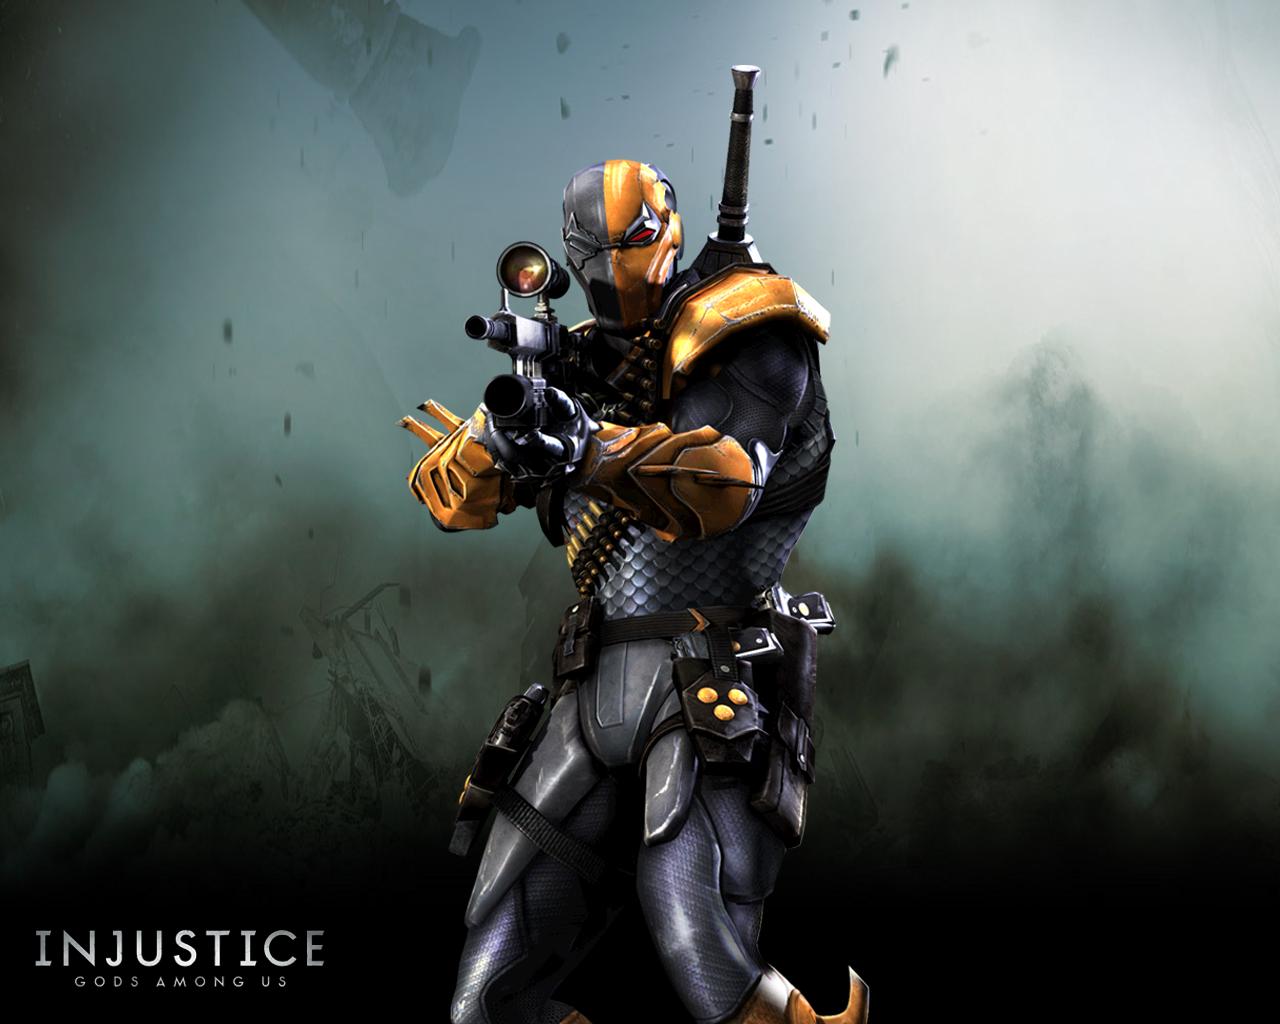 deathstroke helmet injustice - photo #10